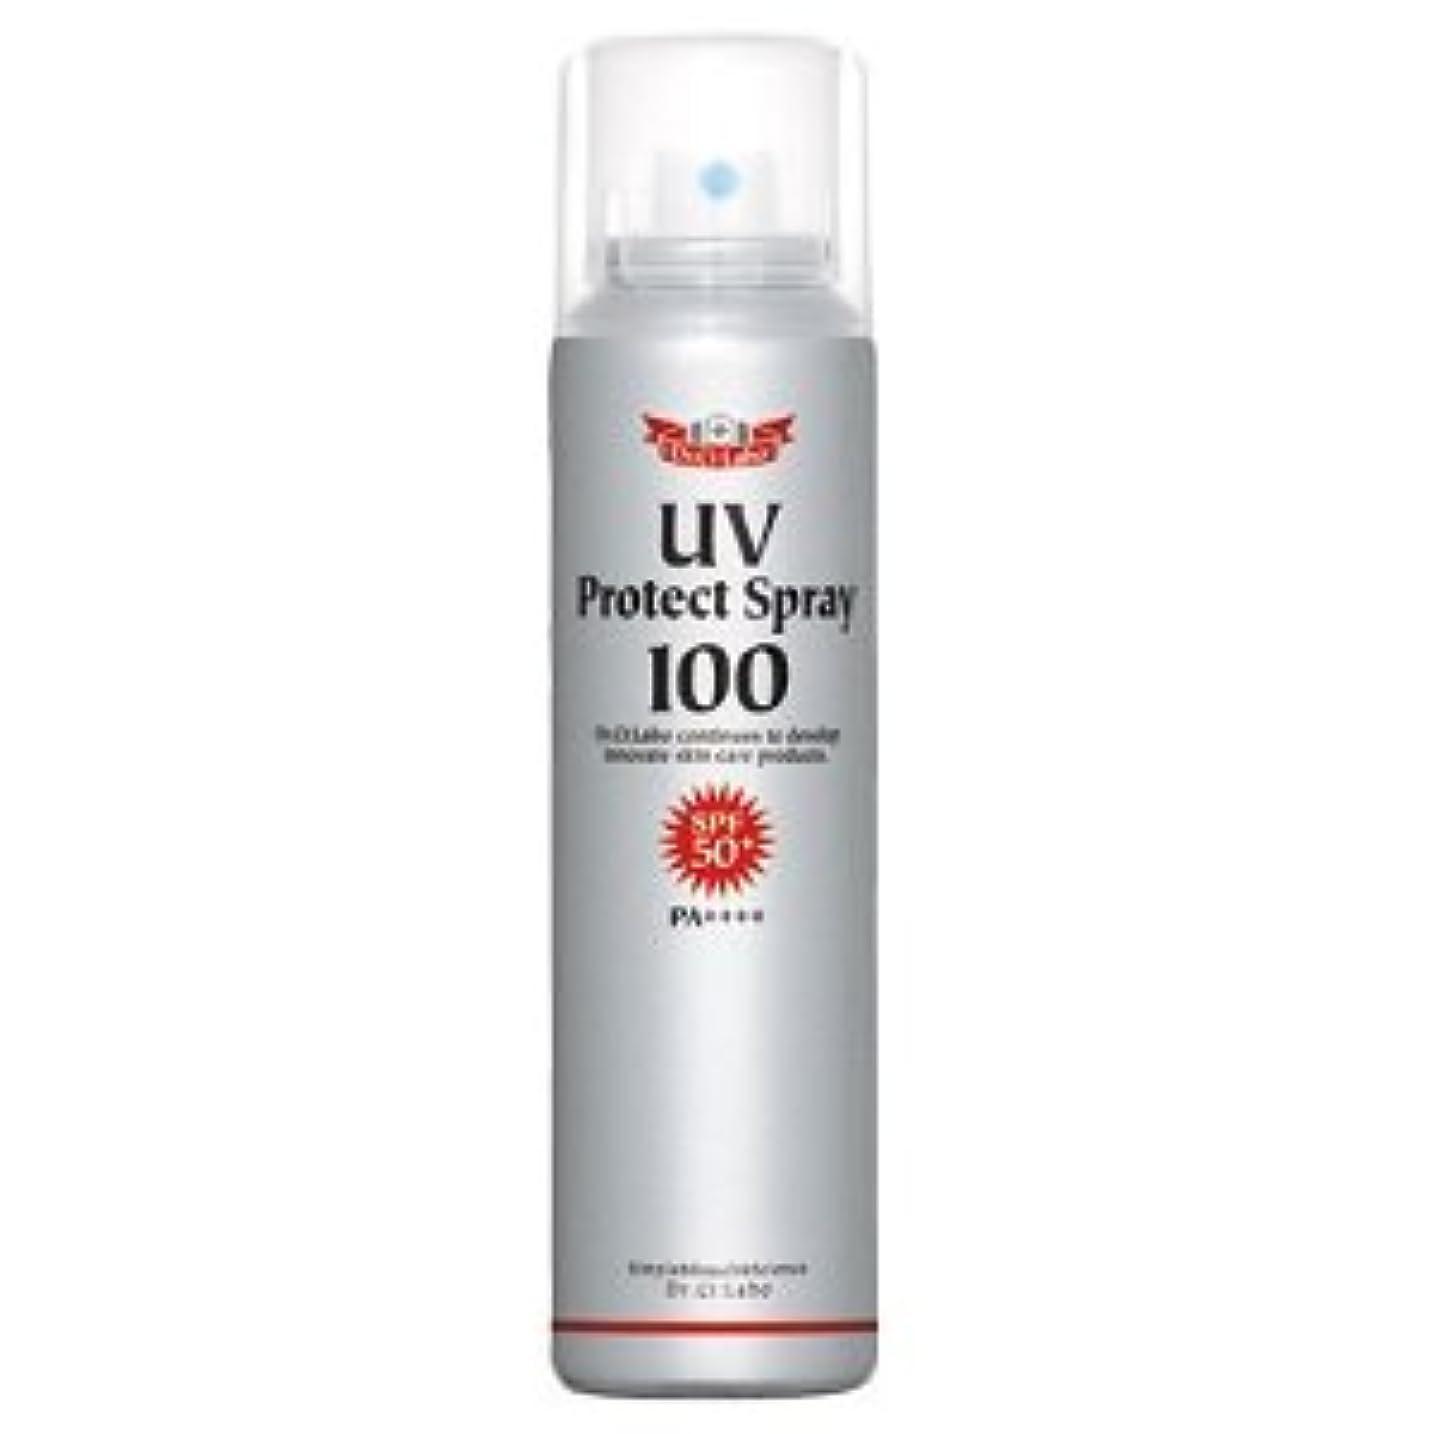 ドクターシーラボ UVプロテクトスプレー100